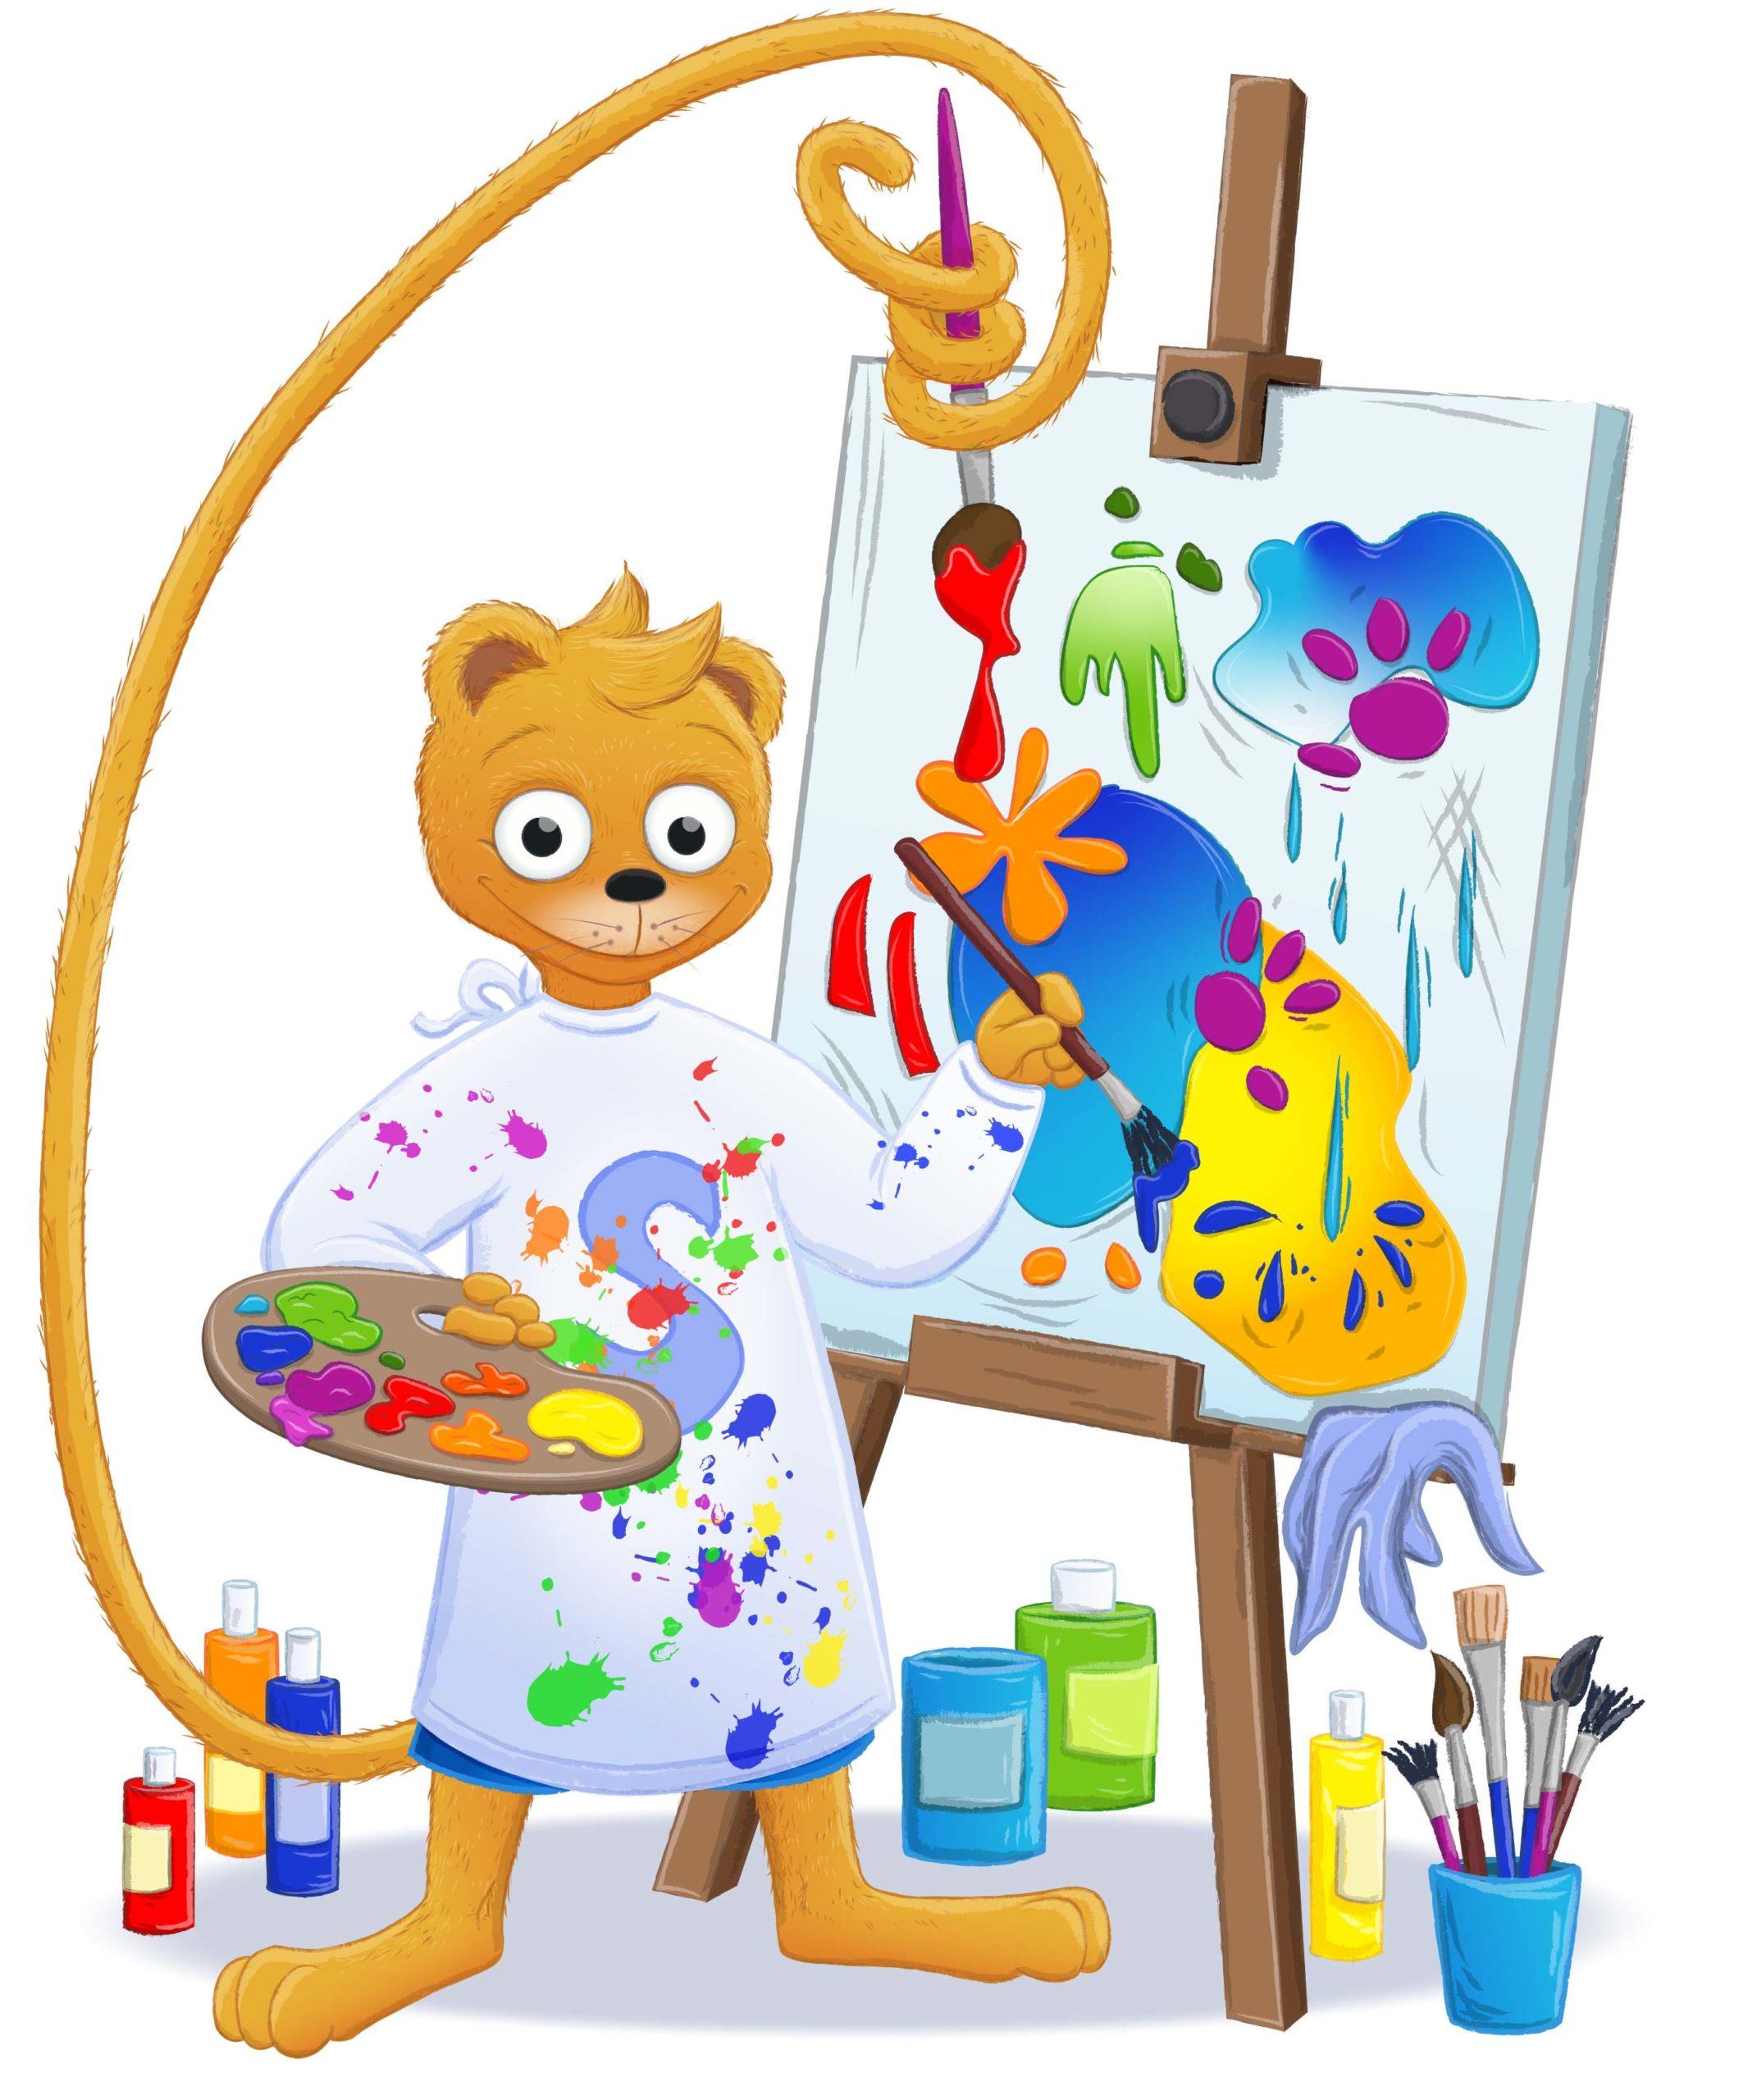 Simson malt auf einer Staffelei und ist voller Farbklekse